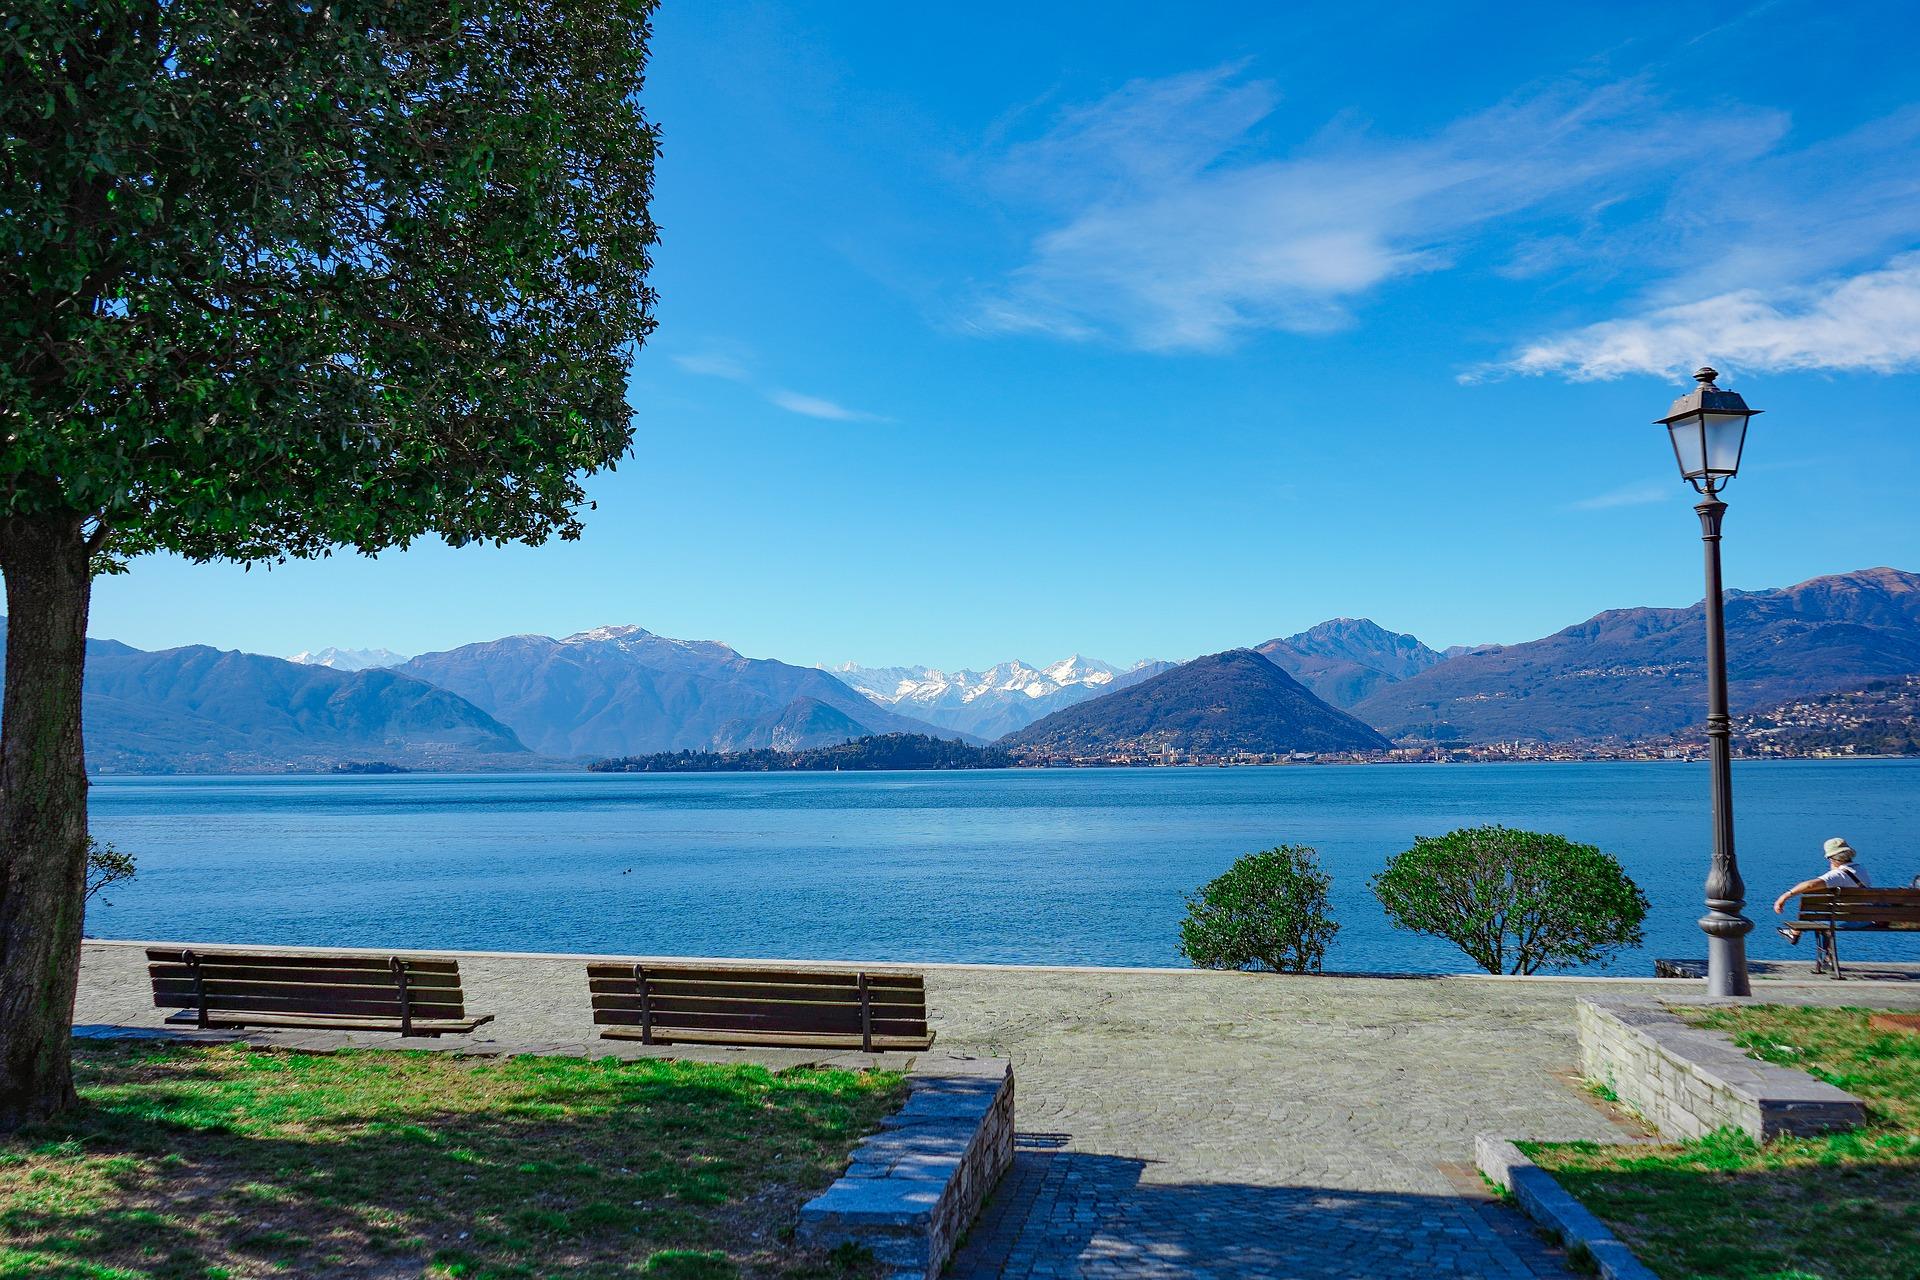 lago-maggiore-4097479_1920